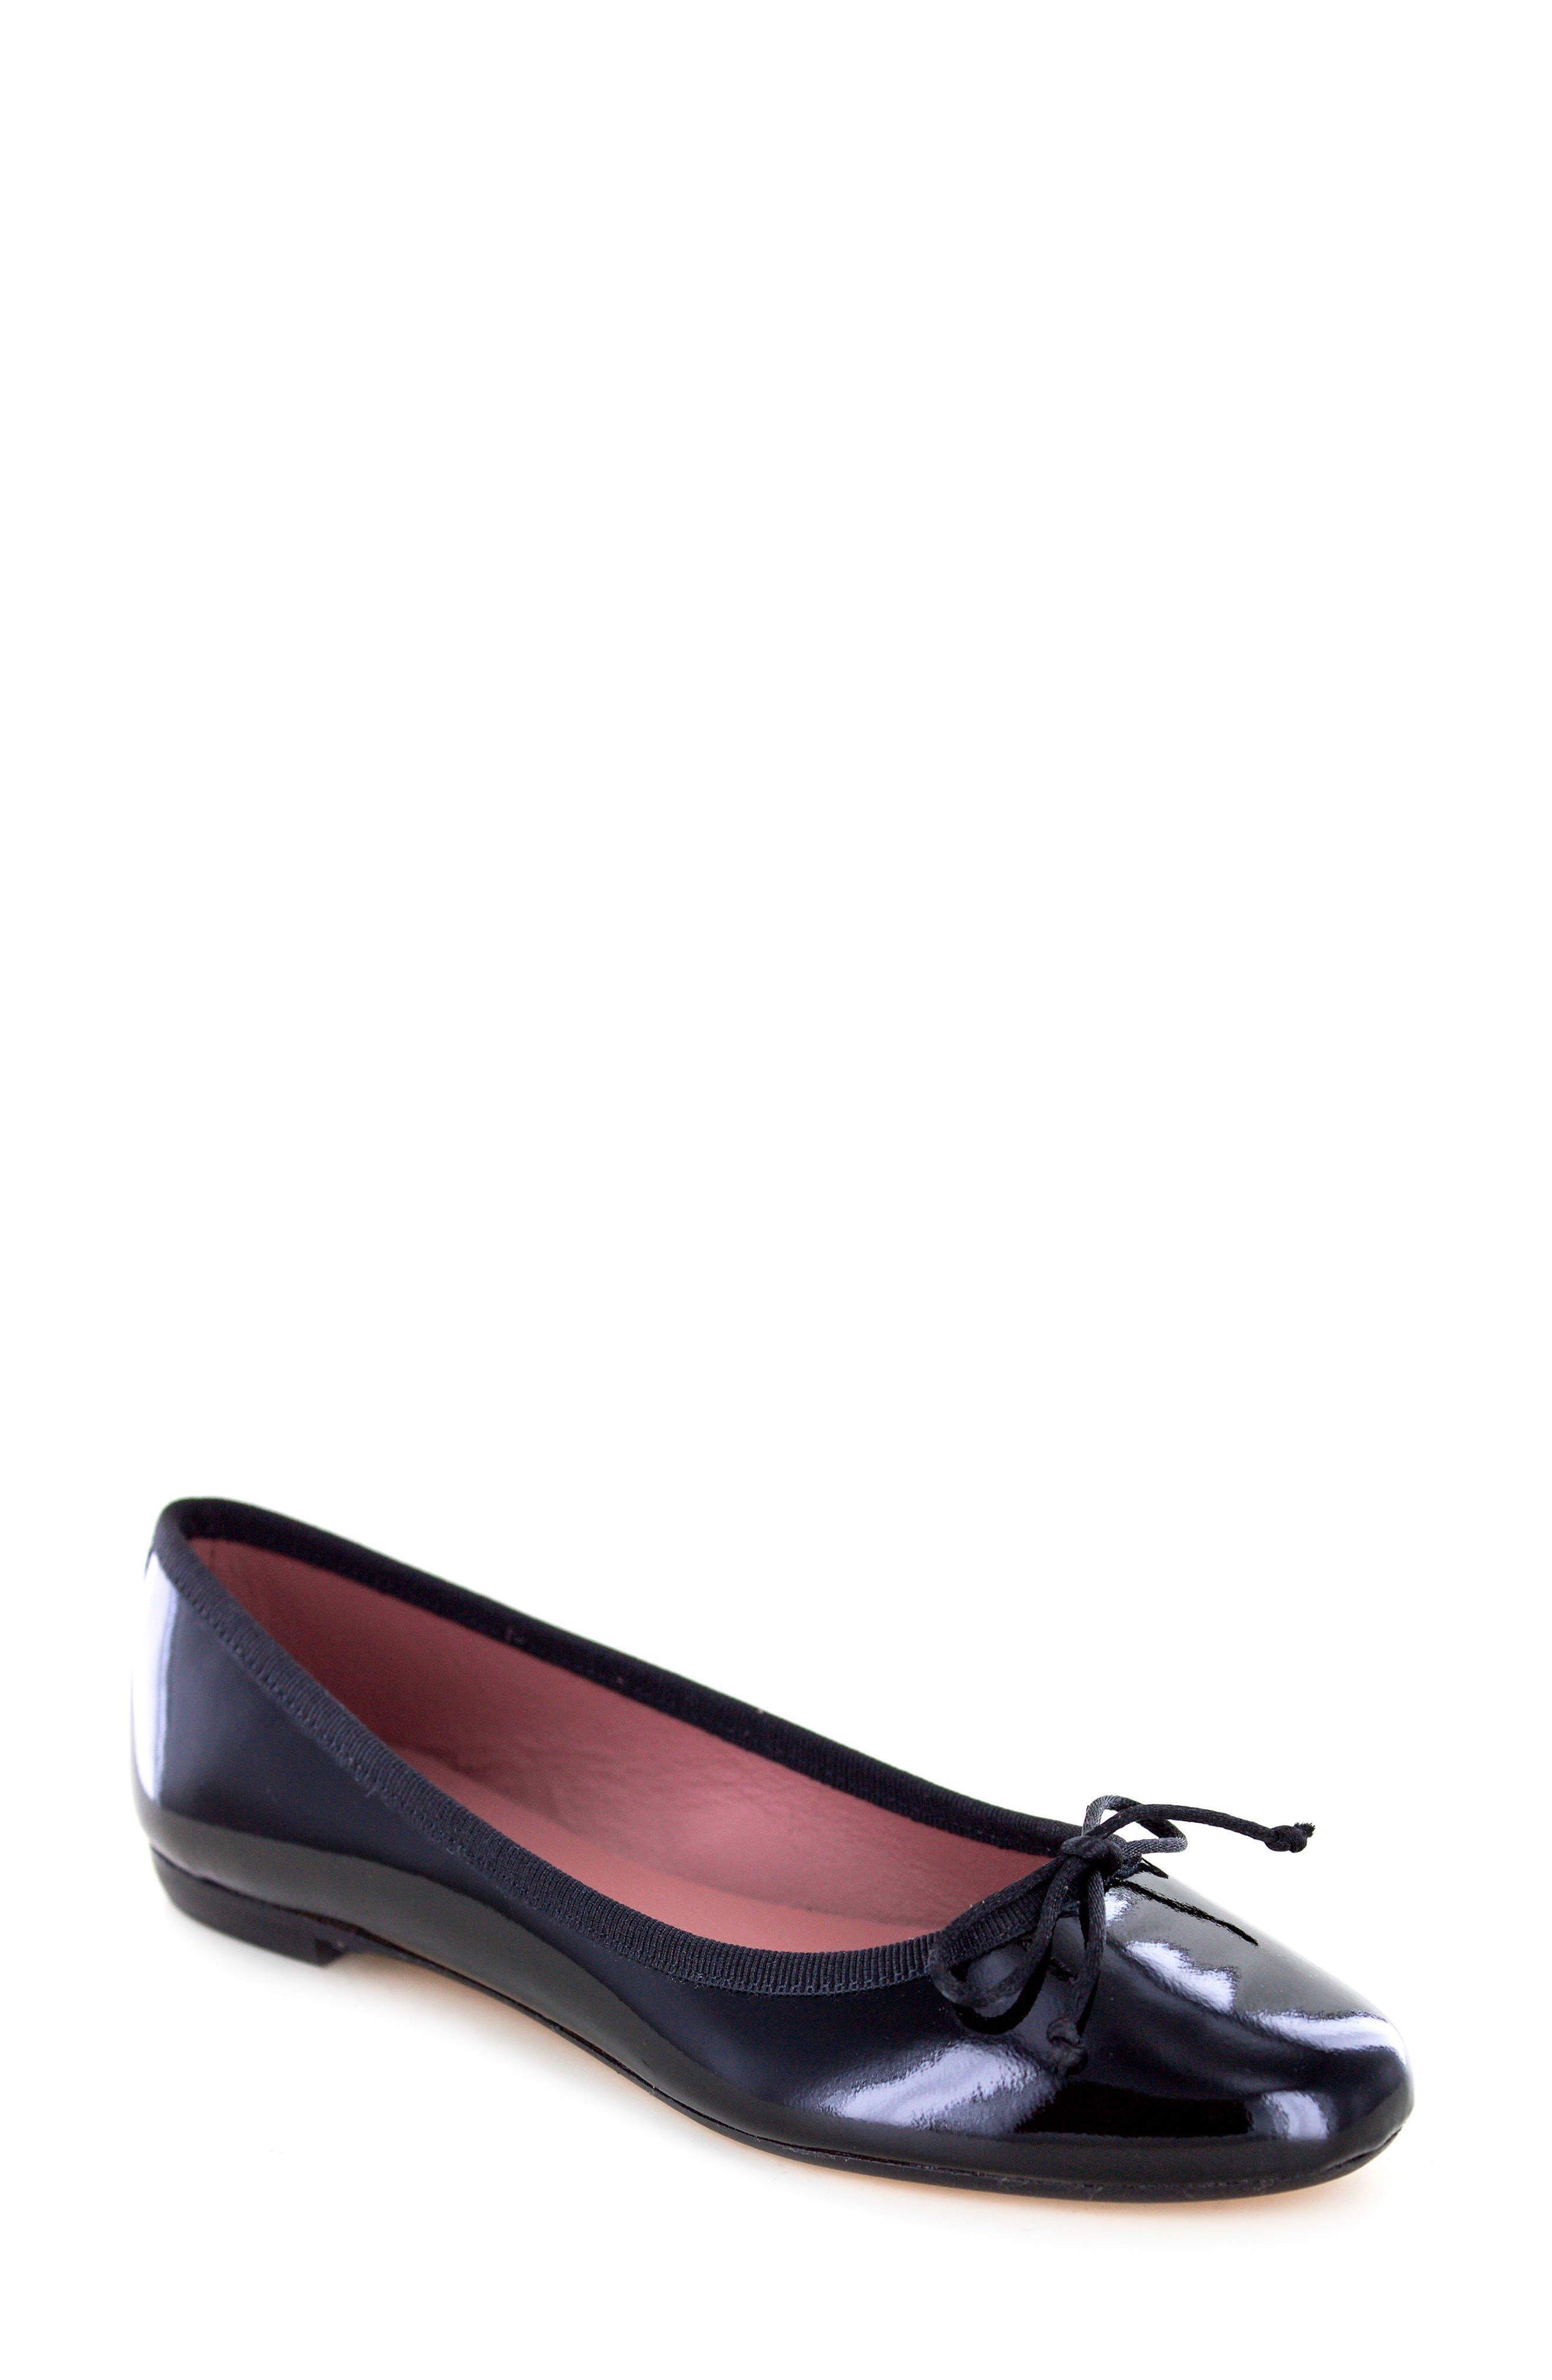 Kendrick Flat,                             Main thumbnail 1, color,                             Black Patent Leather